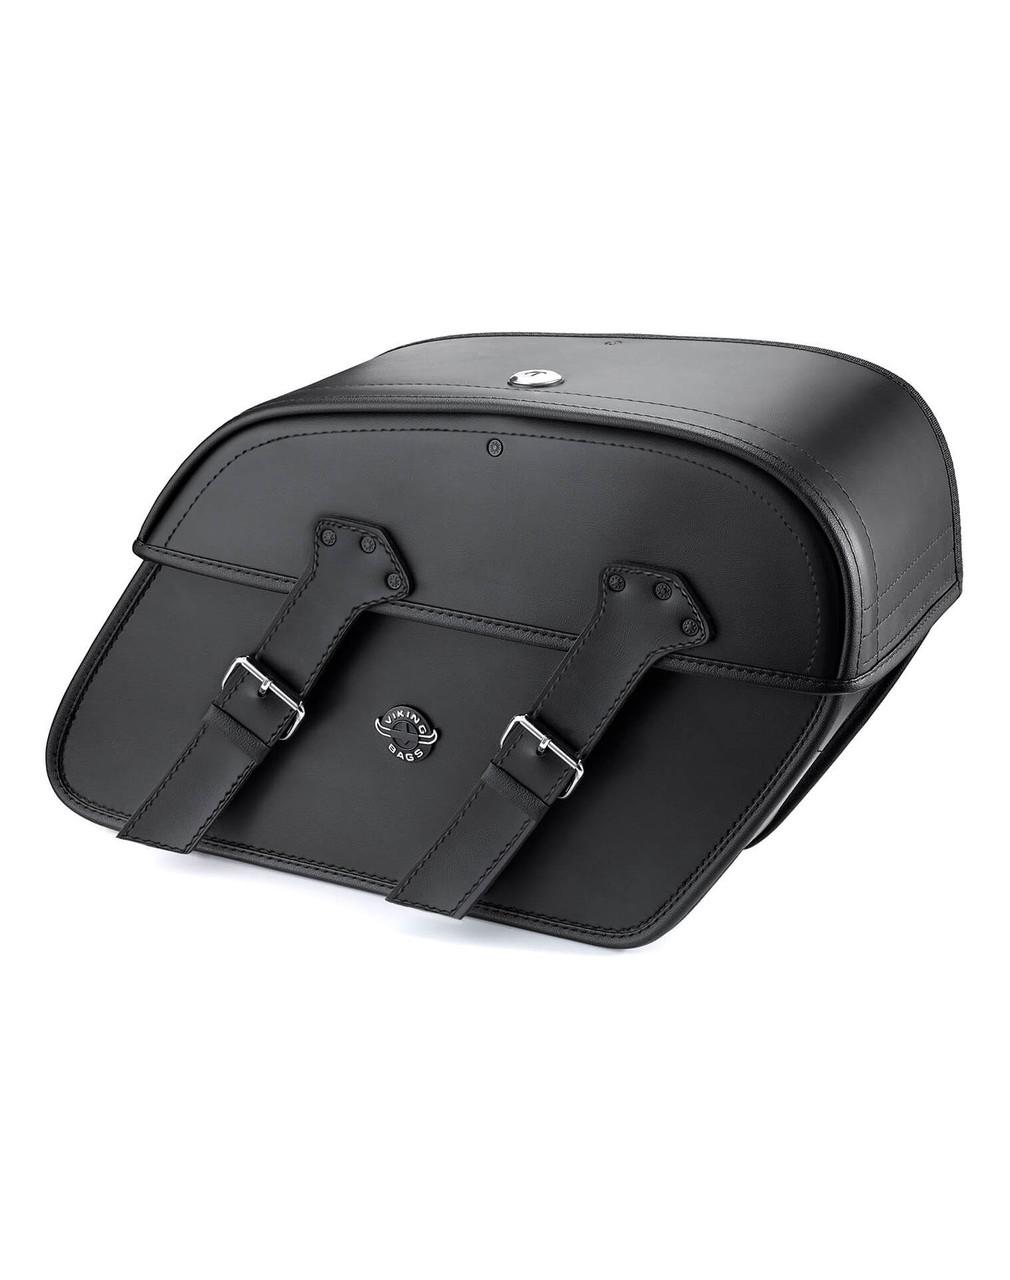 Honda 600 Shadow VLX Viking Raven Medium Leather Motorcycle Saddlebags Main Bag View